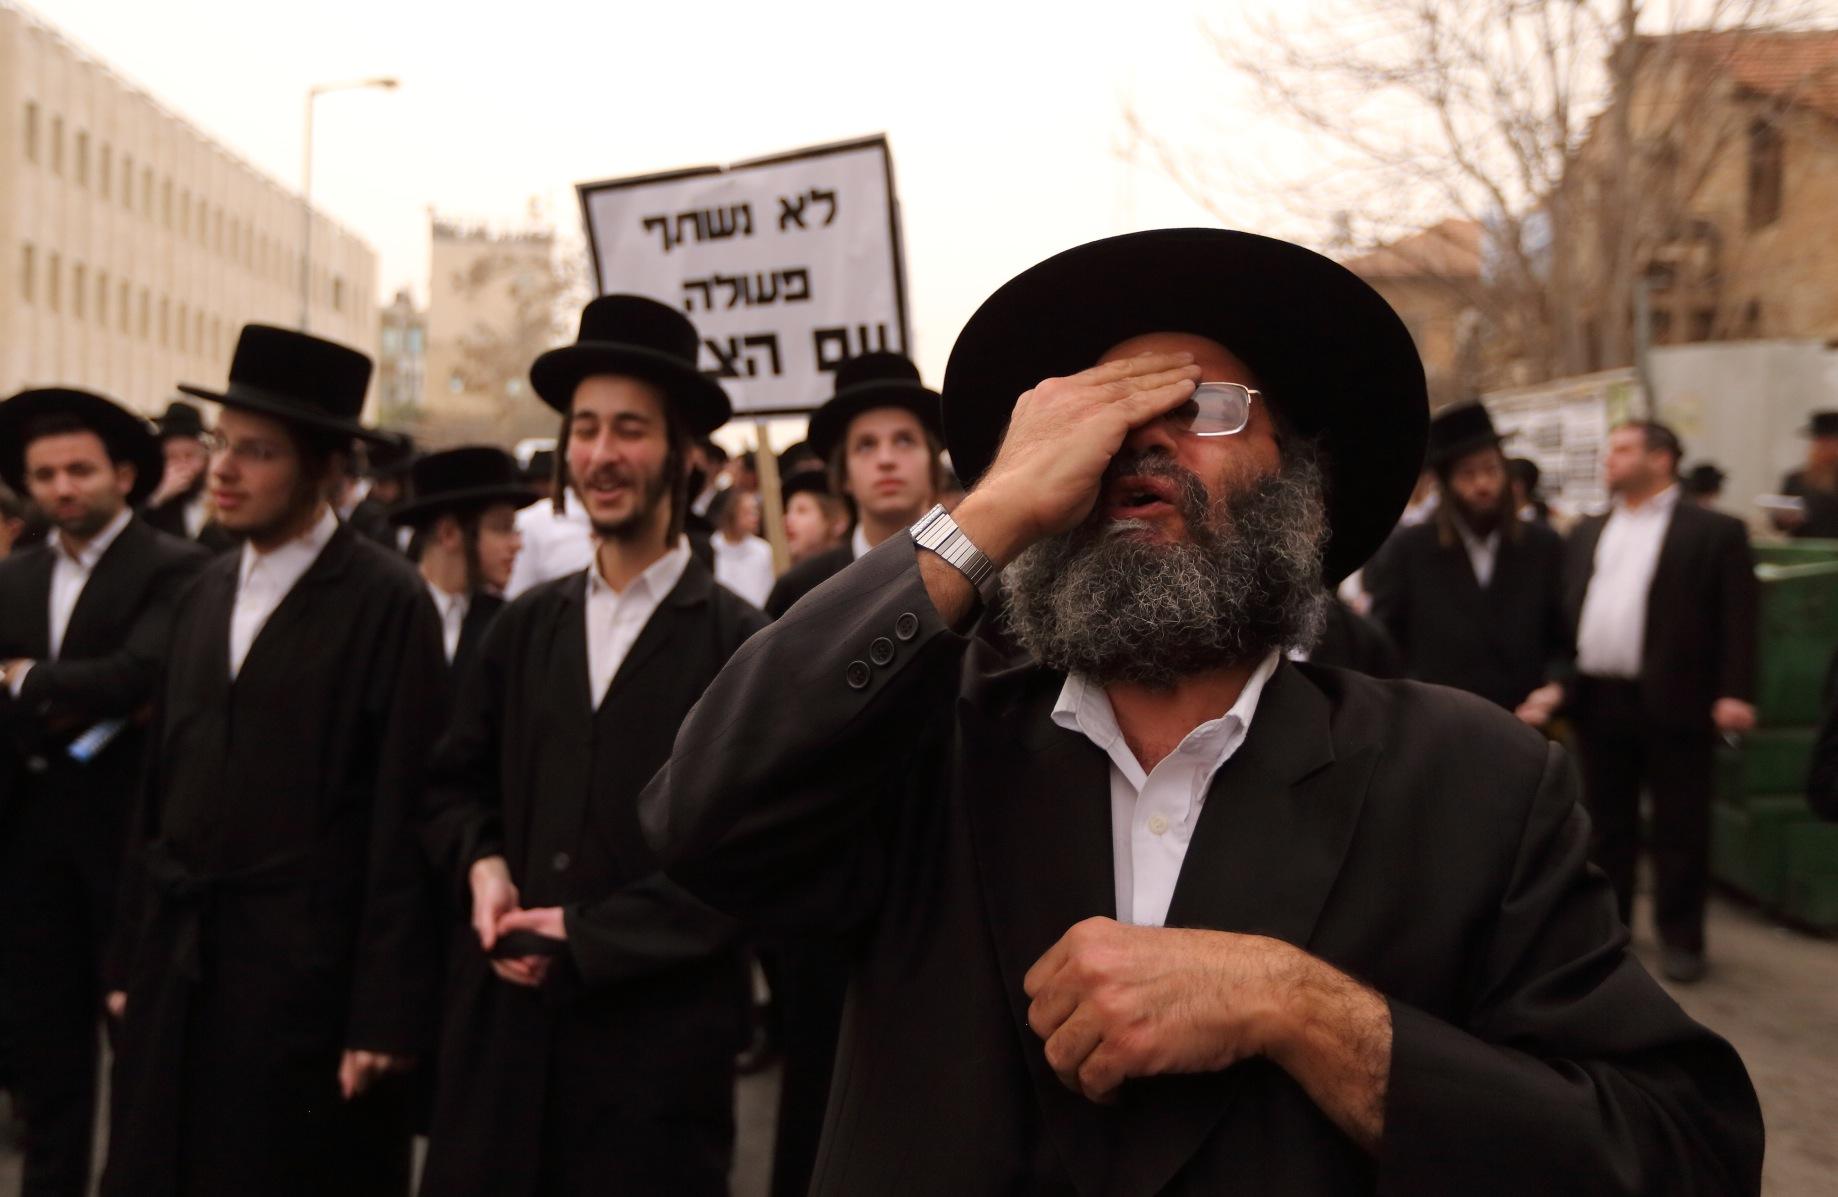 Haredi Orthodox Israelis Dodge Draft Law Jewish